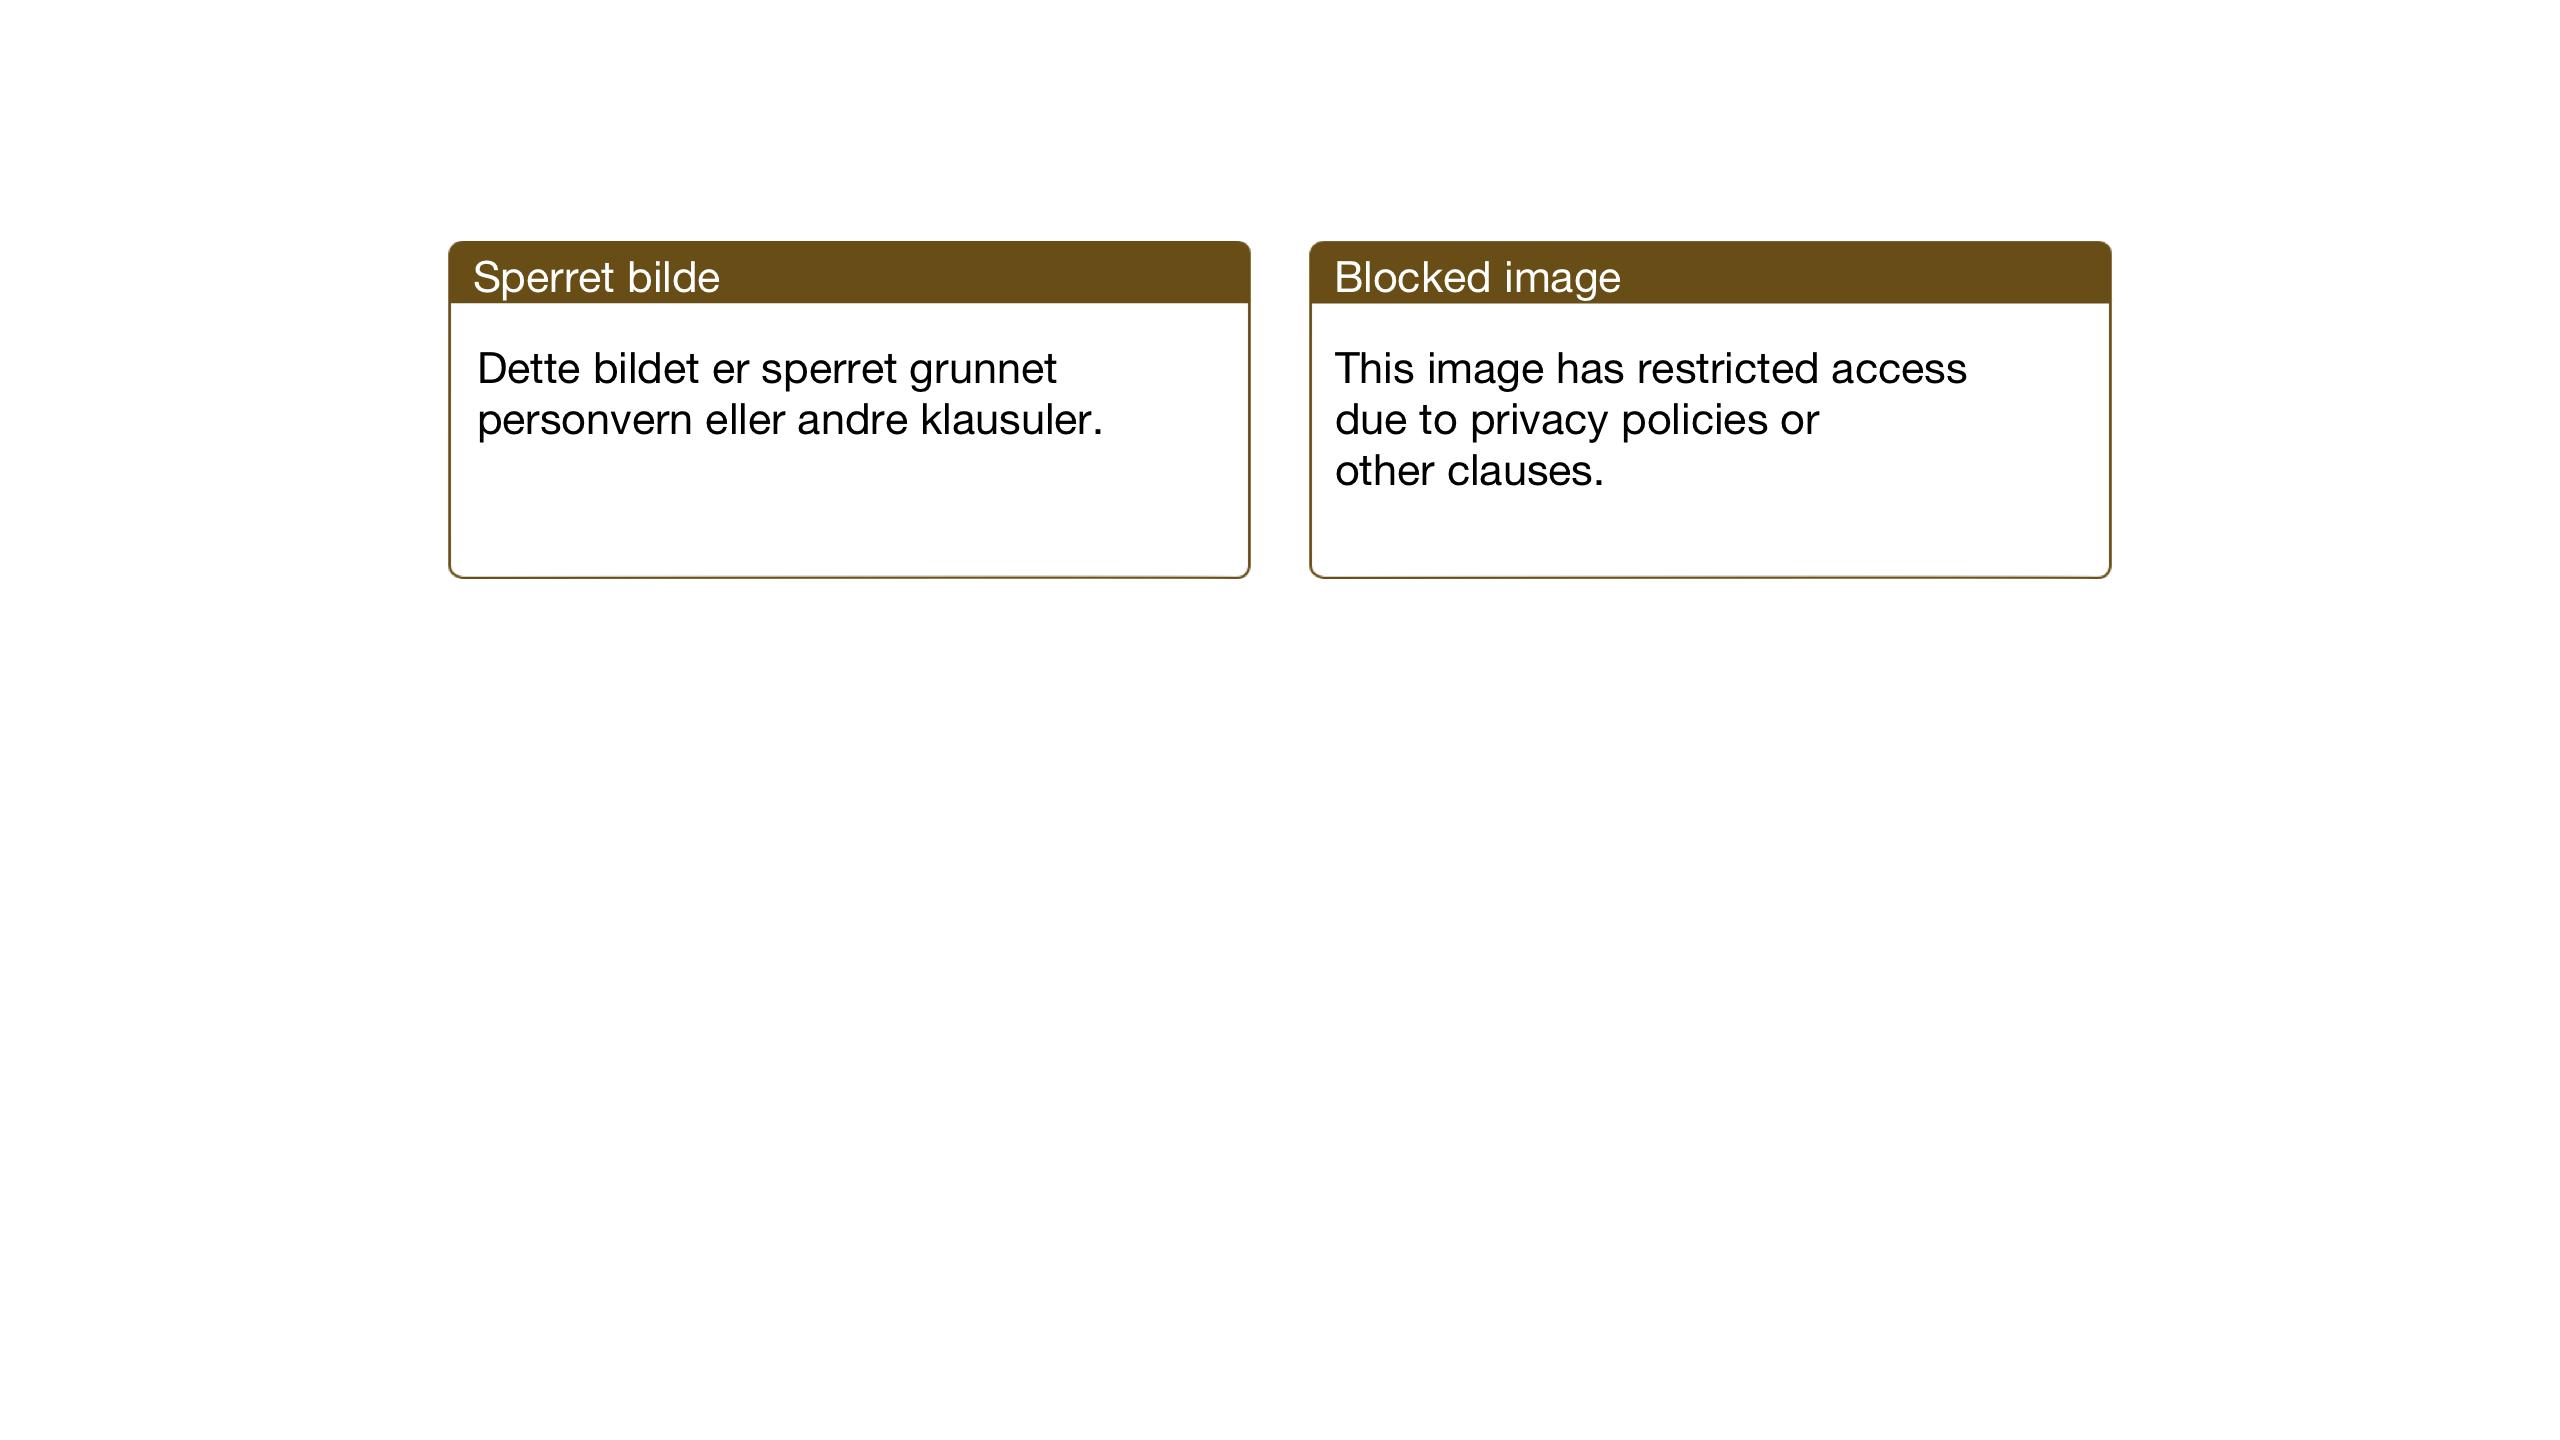 SAT, Ministerialprotokoller, klokkerbøker og fødselsregistre - Sør-Trøndelag, 617/L0431: Klokkerbok nr. 617C02, 1910-1936, s. 111